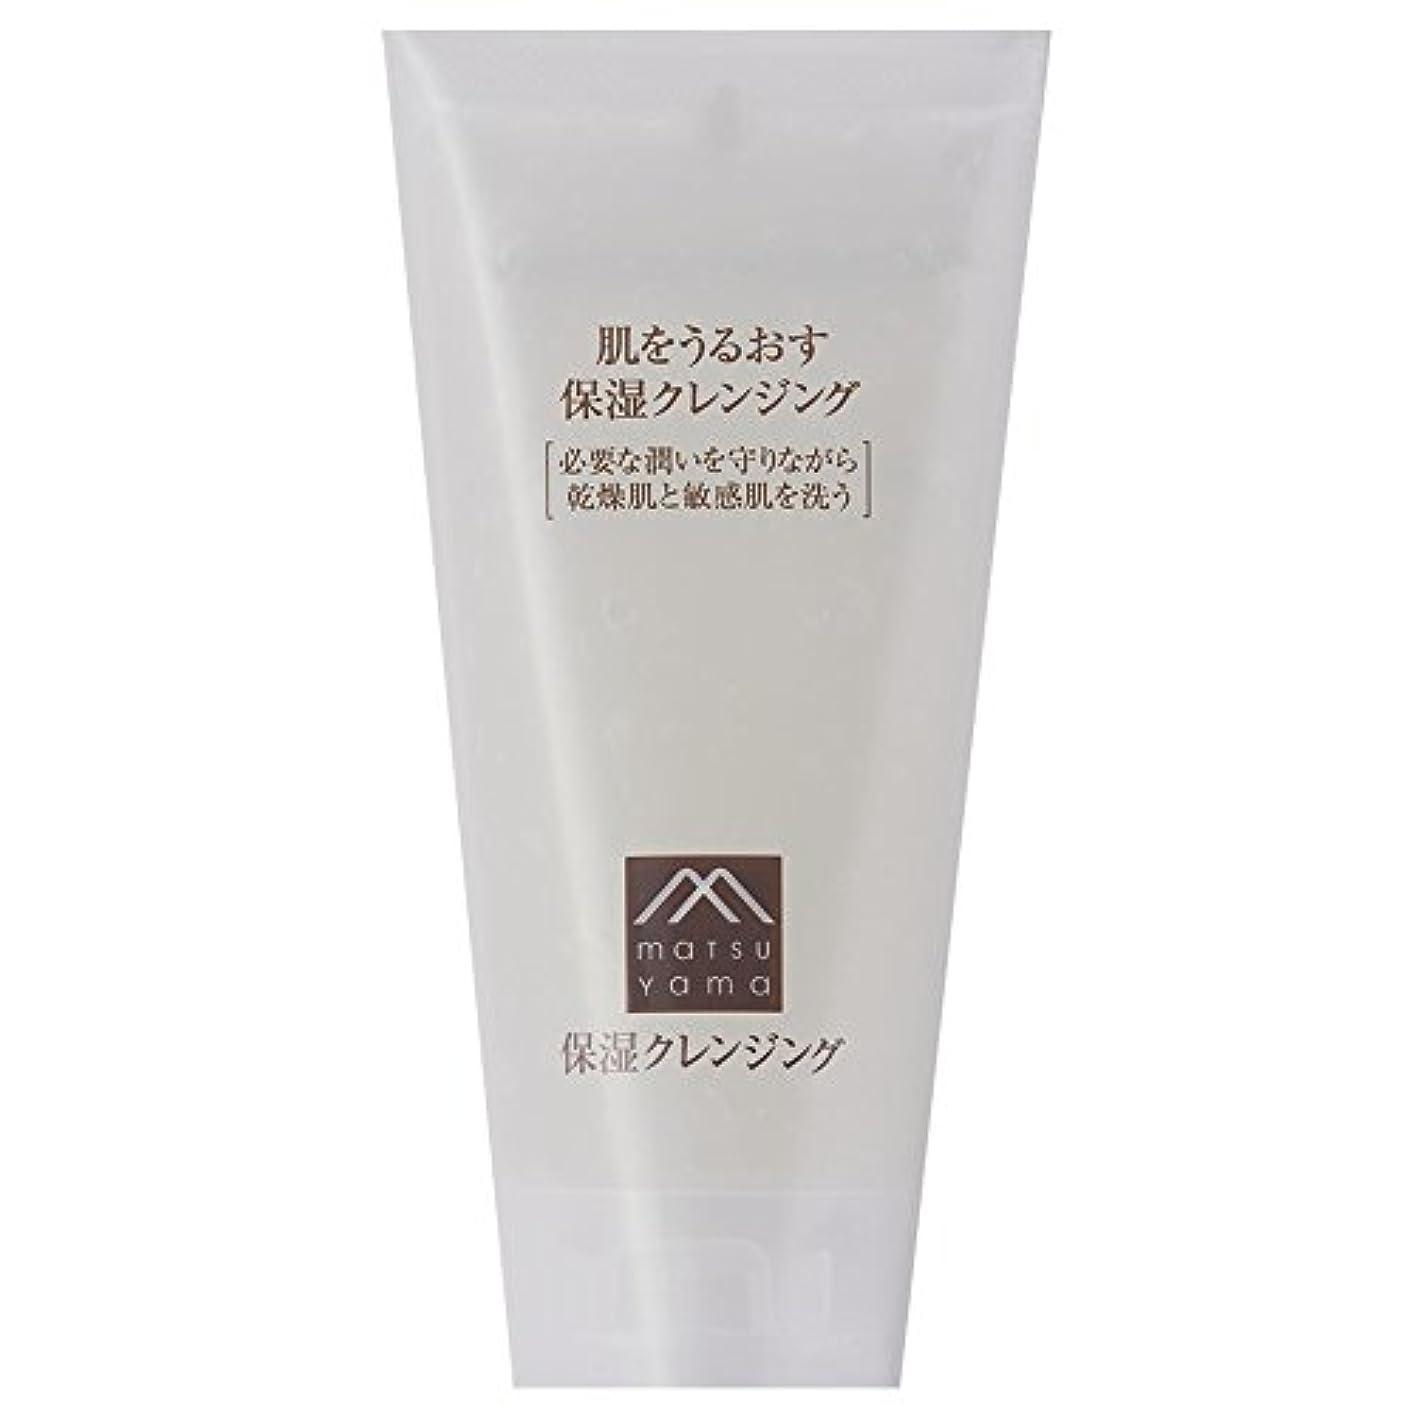 明らかにするさらに工業化する肌をうるおす保湿クレンジング(メイク落とし) 保湿 乾燥肌 敏感肌